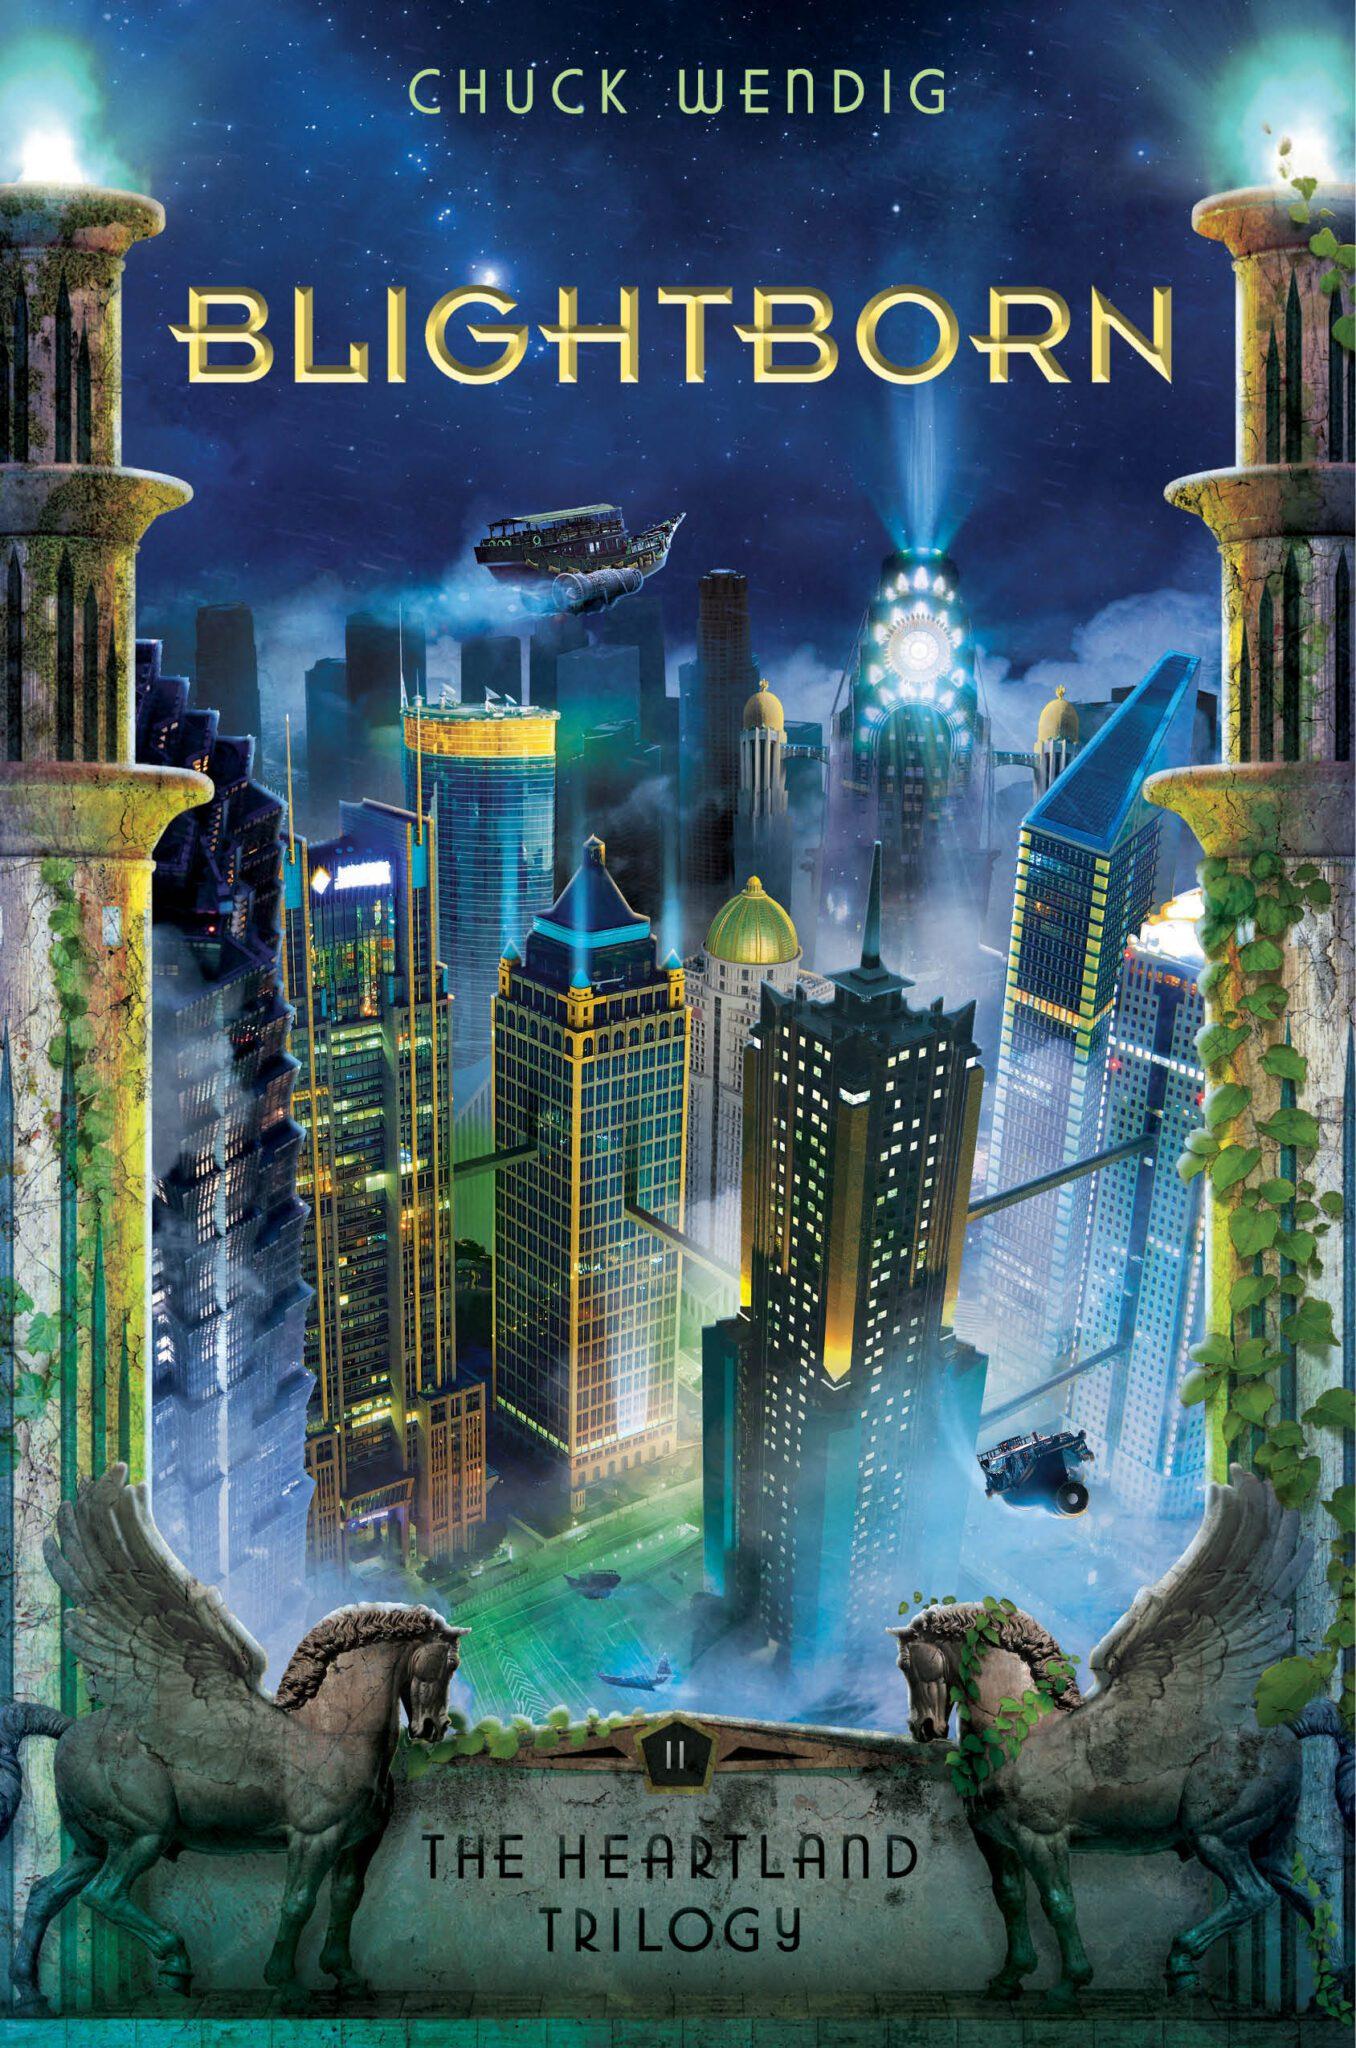 blightborn_full